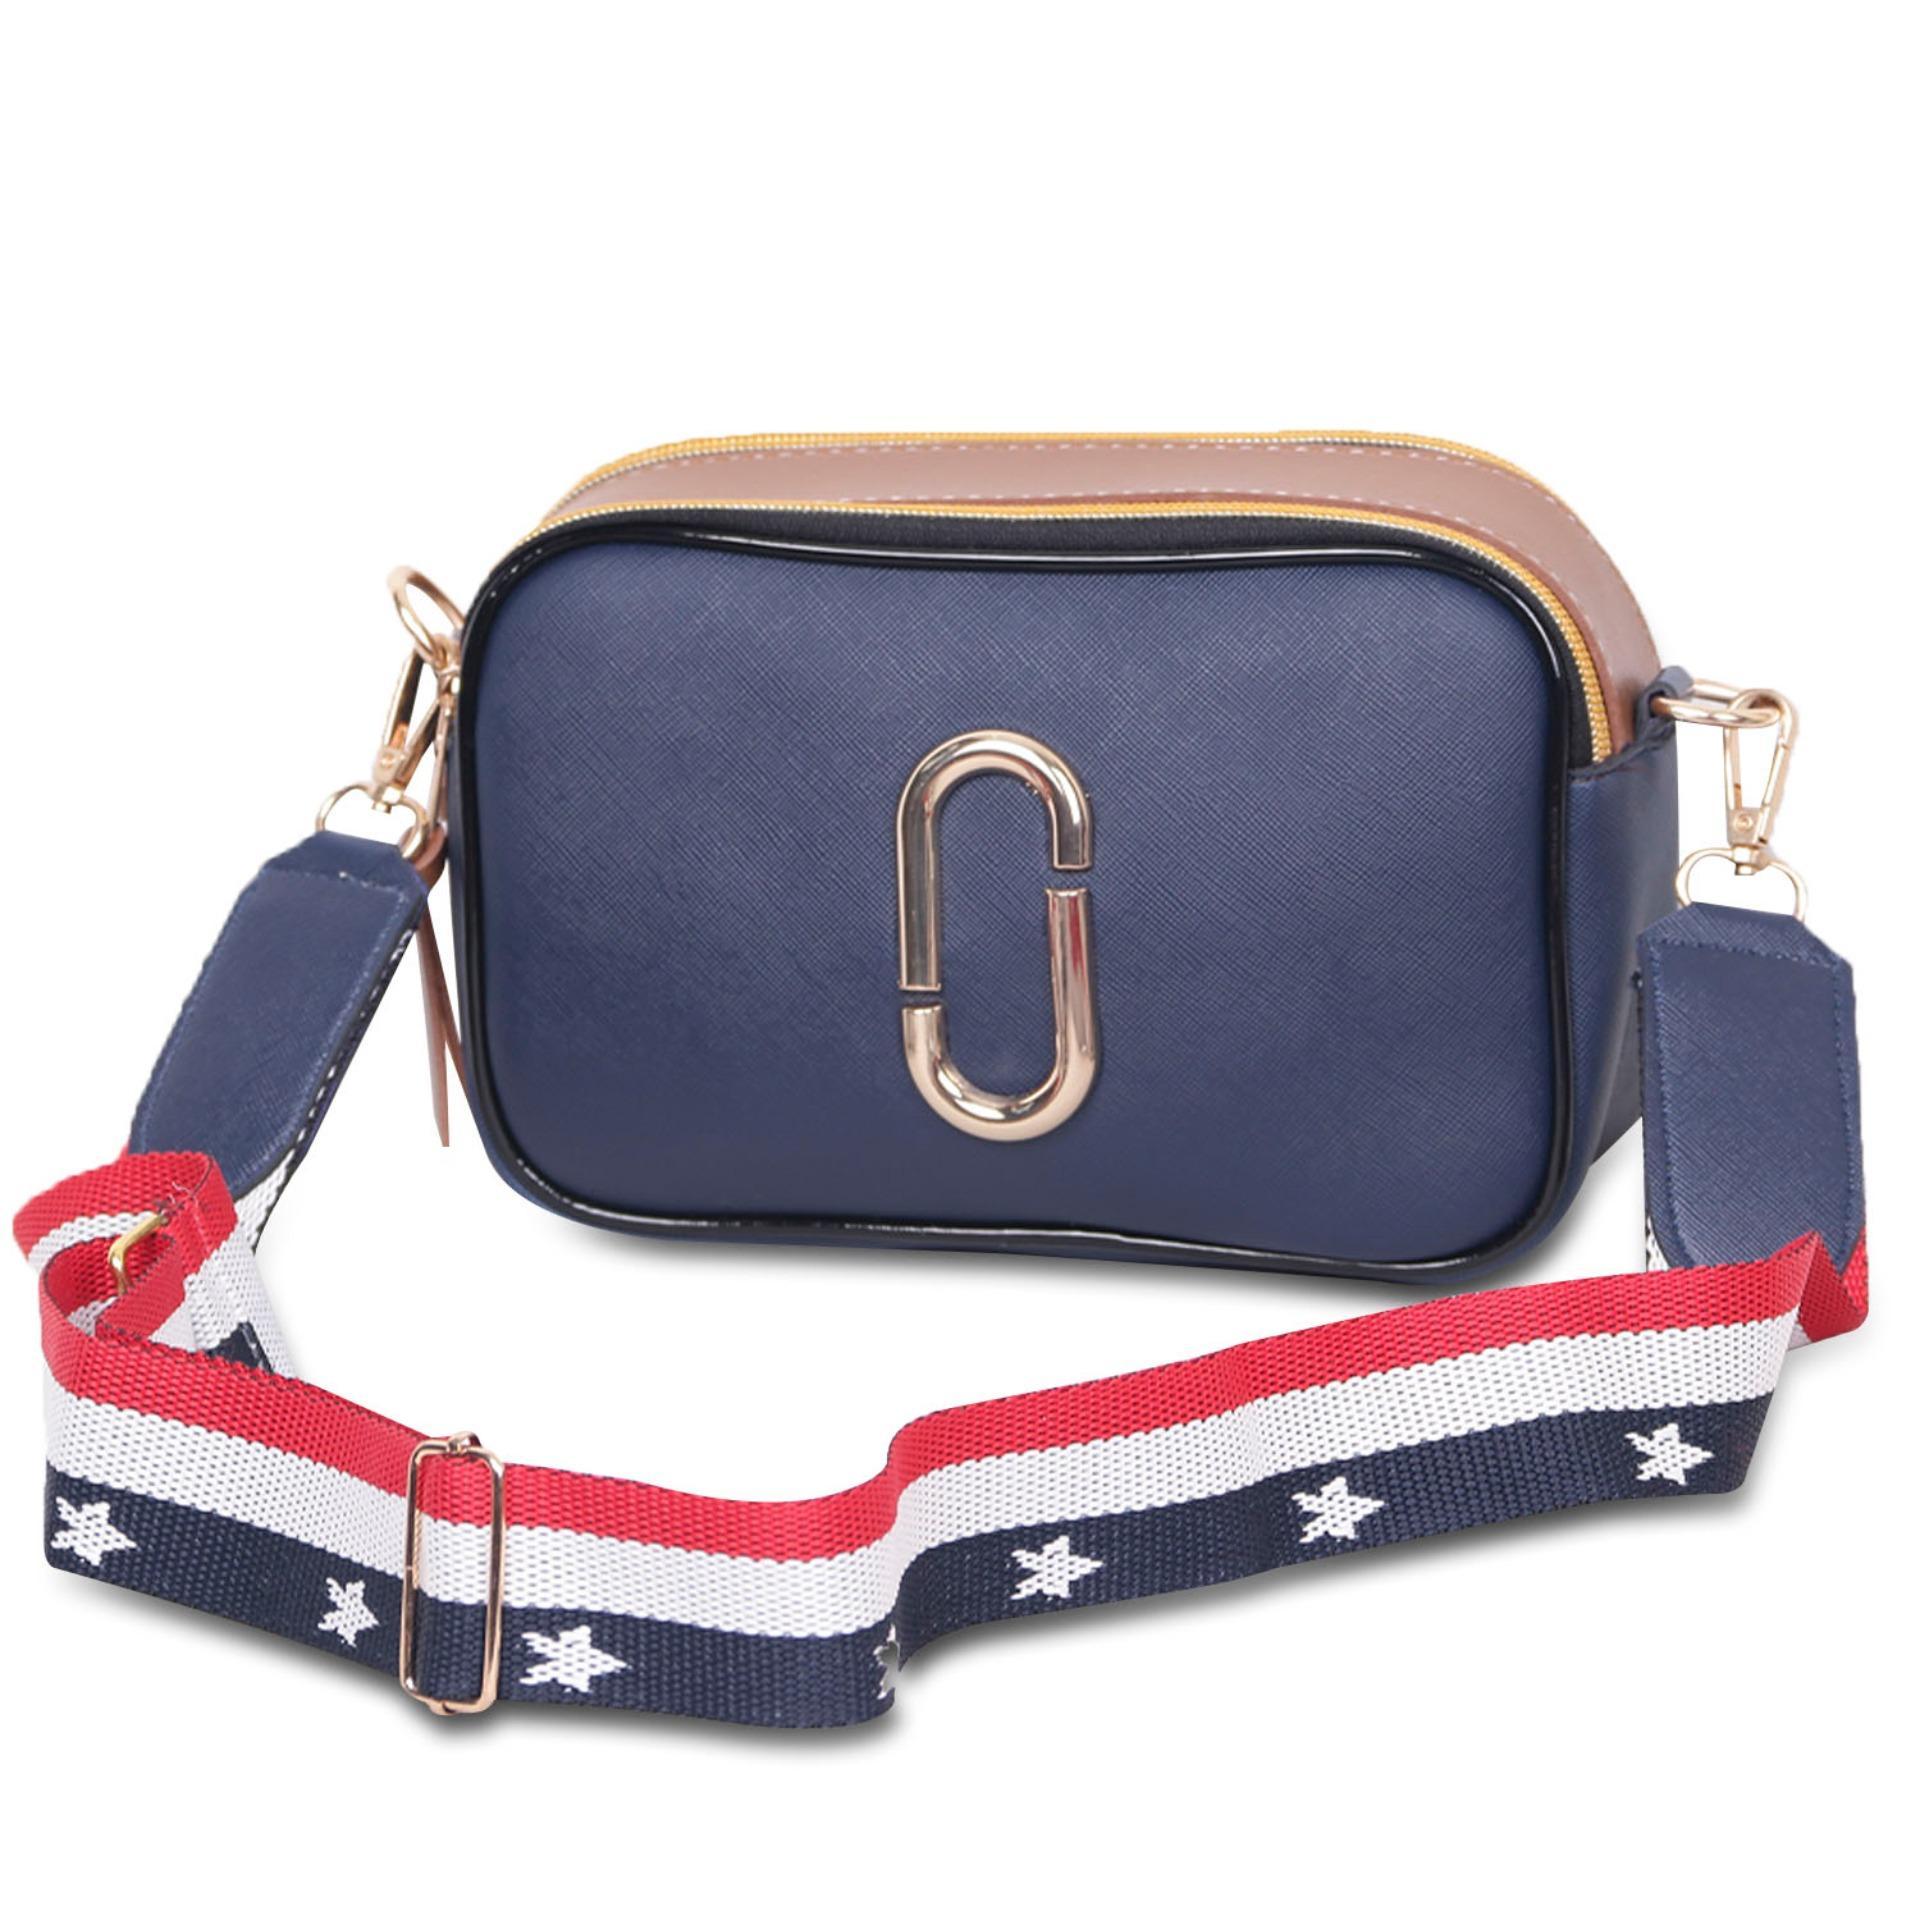 Marc Tas Selempang Wanita / sling bag - Quincy Label